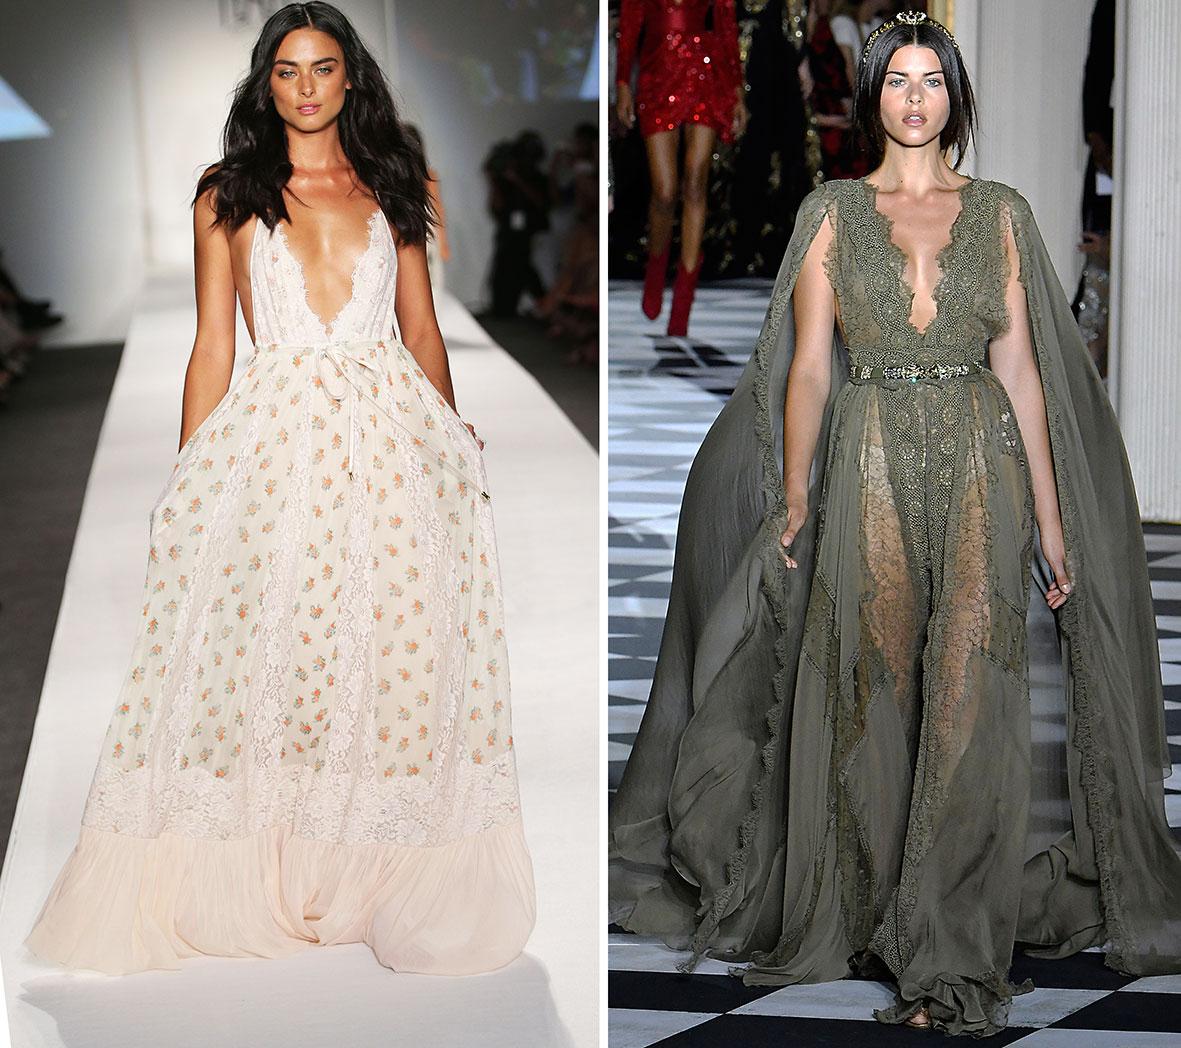 Das Foto zeigt eine Models in Lingerie Kleidern